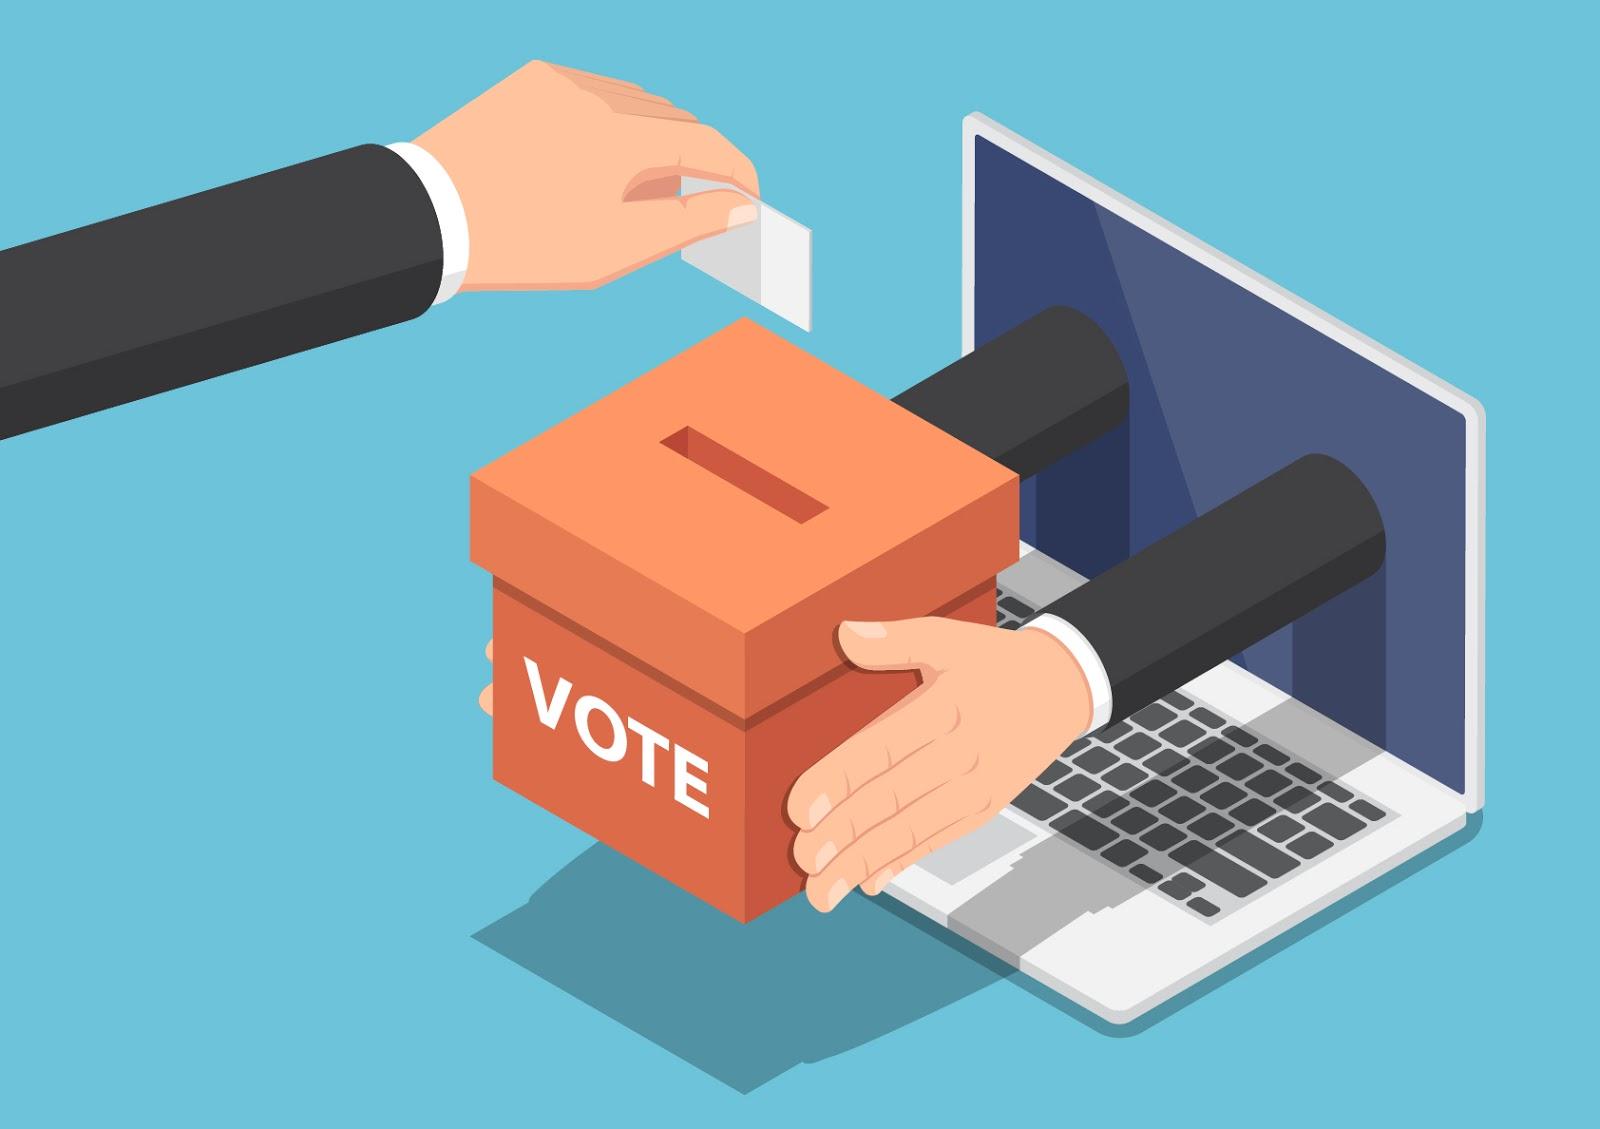 Presentato al Senato ddl per il voto elettronico degli italiani all'estero